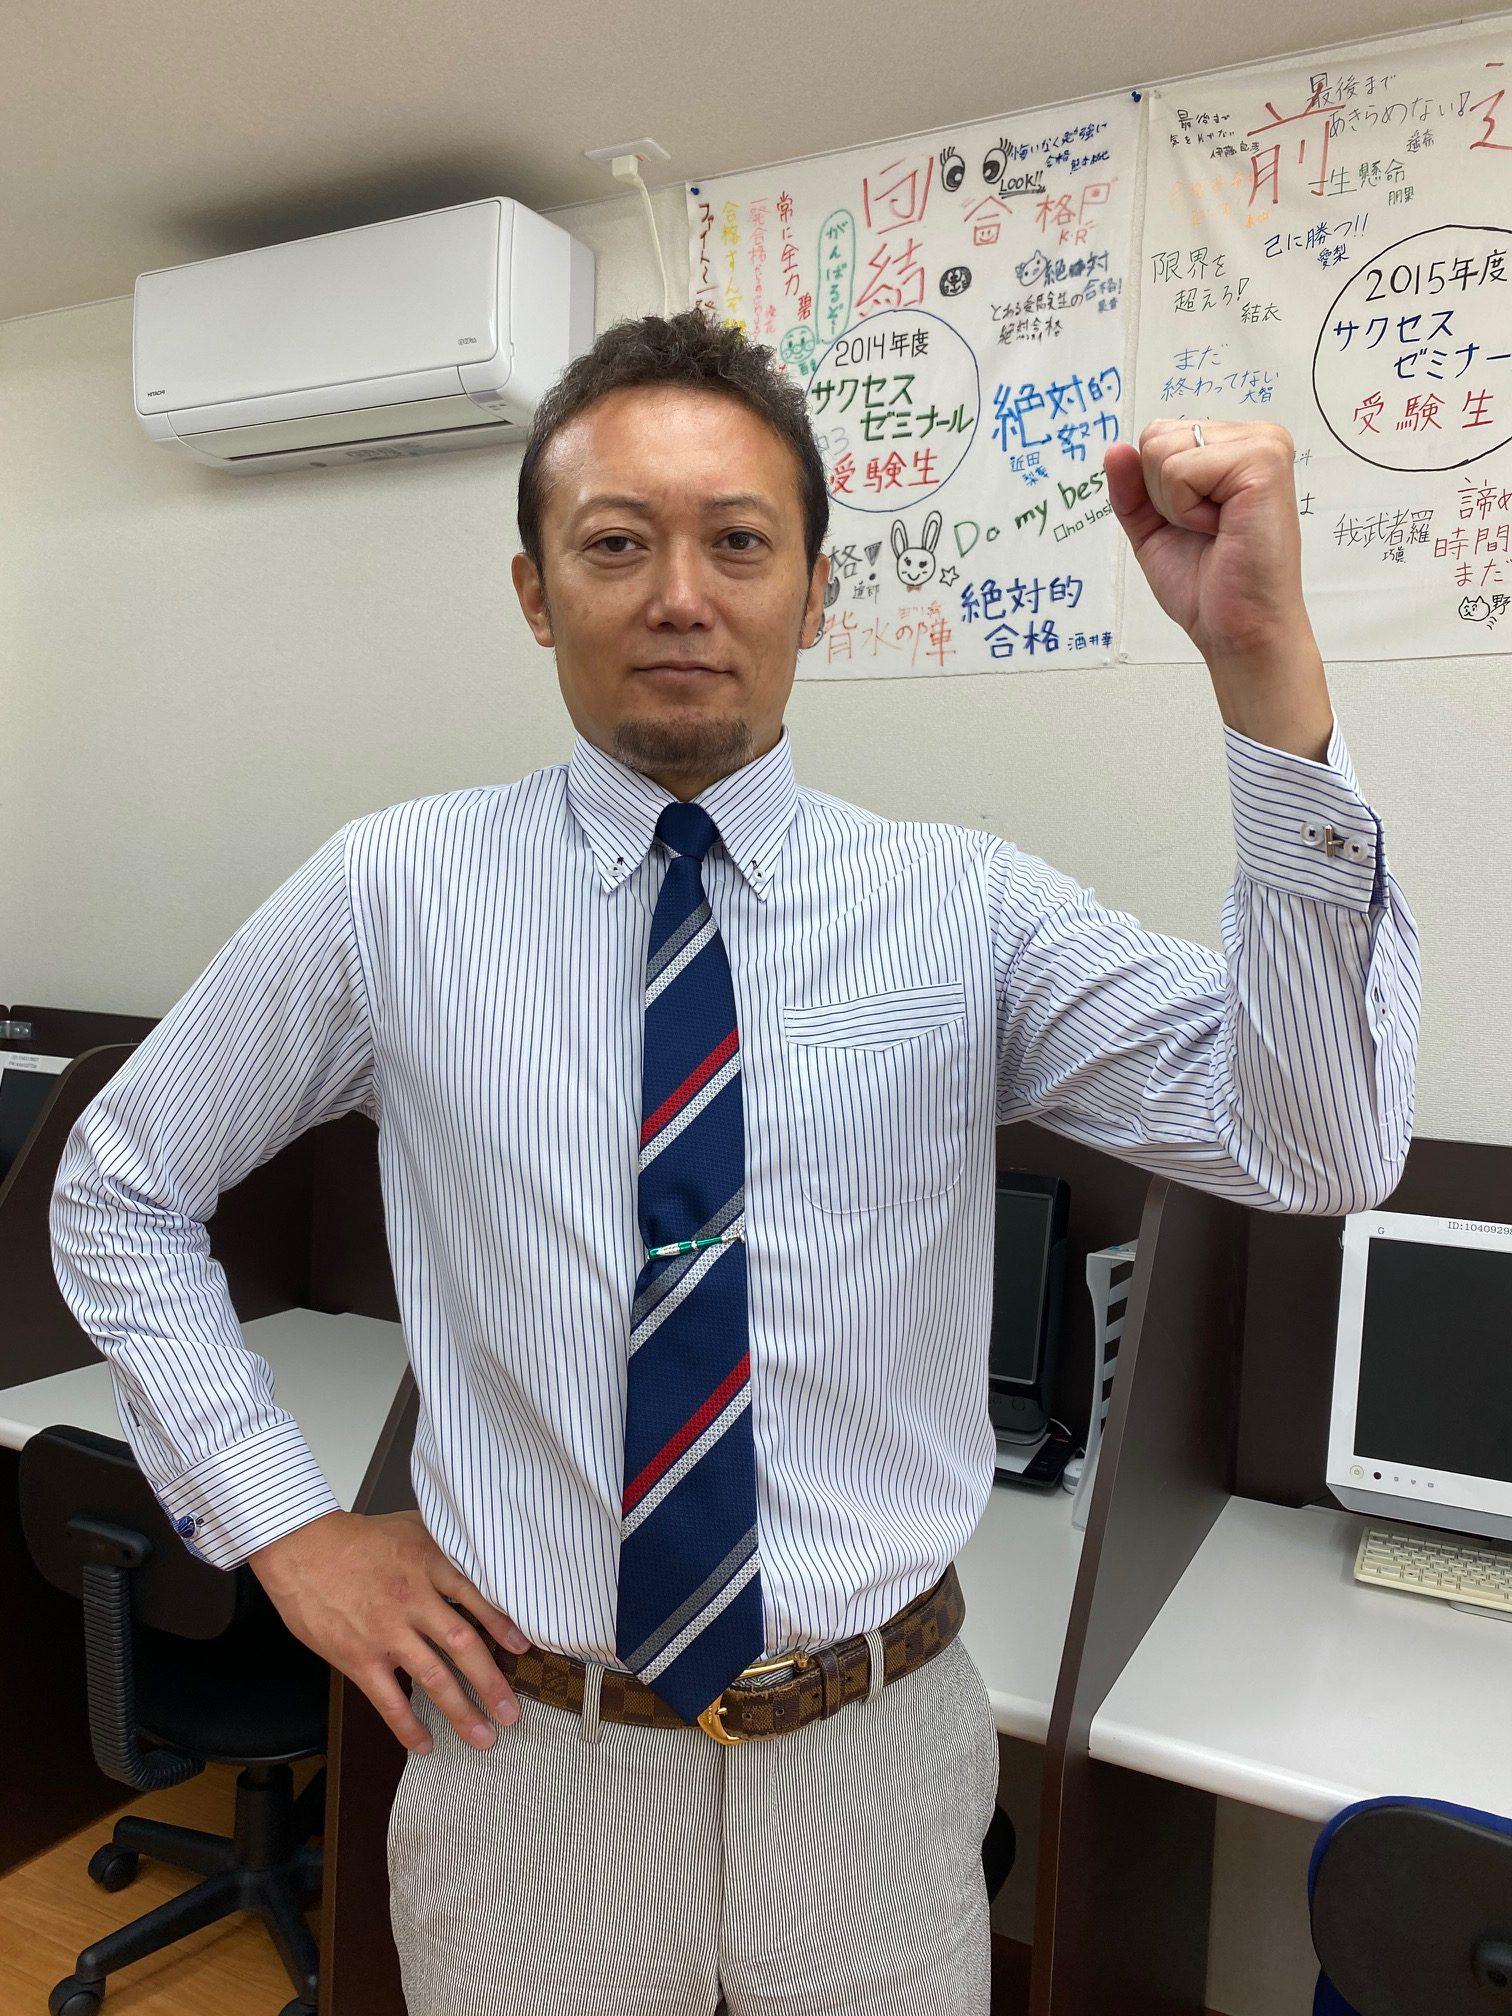 サクゼミ教育グループ代表 吉田洋輔